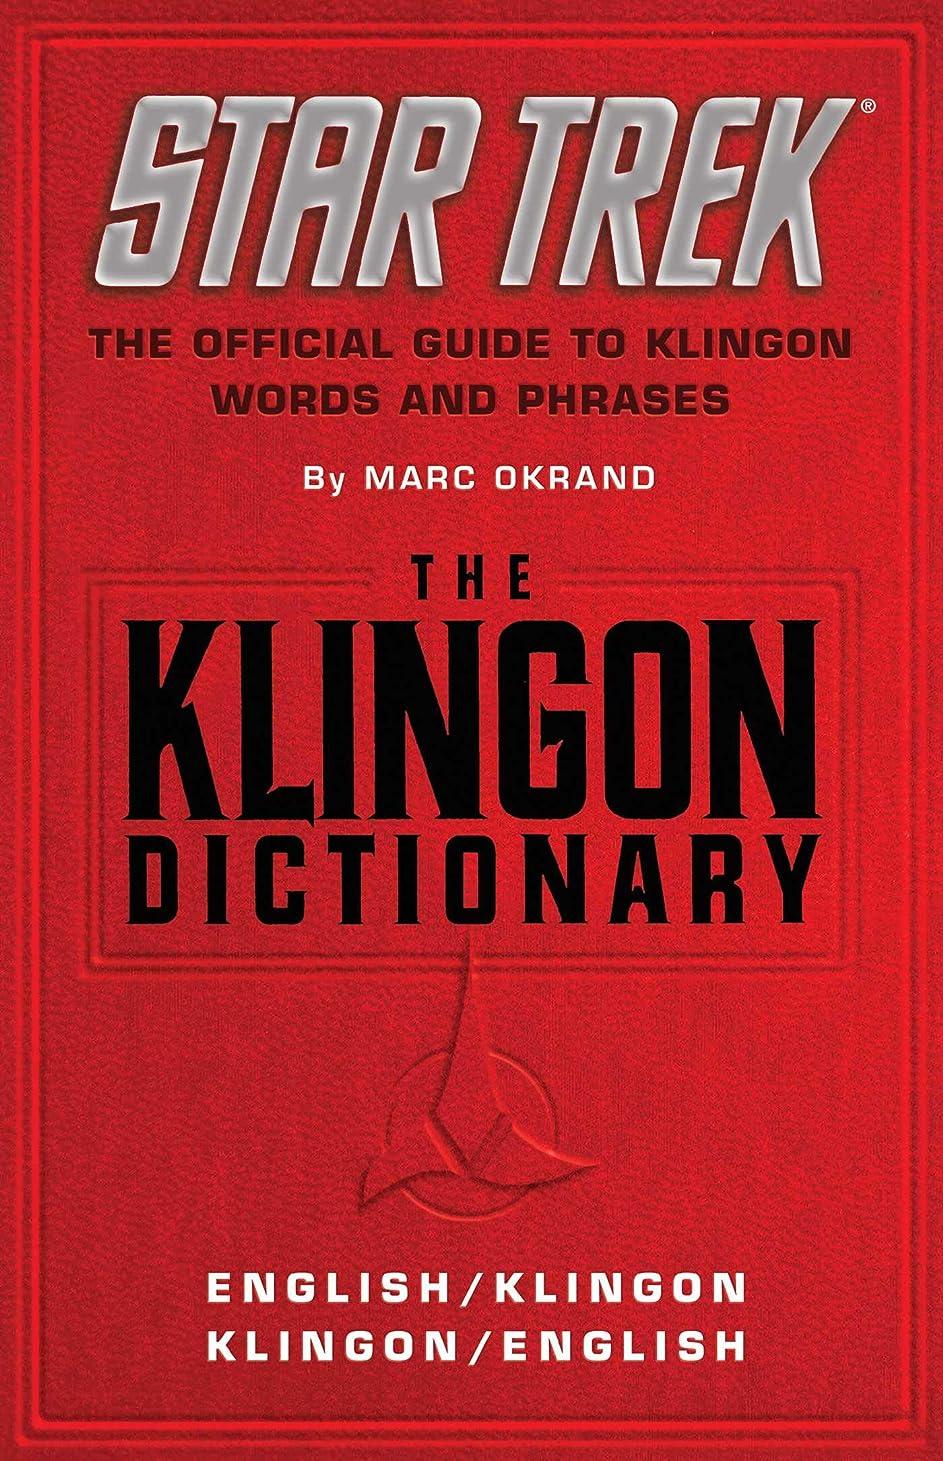 強大なゆるく特権The Klingon Dictionary: The Official Guide to Klingon Words and Phrases (Star Trek) (English Edition)